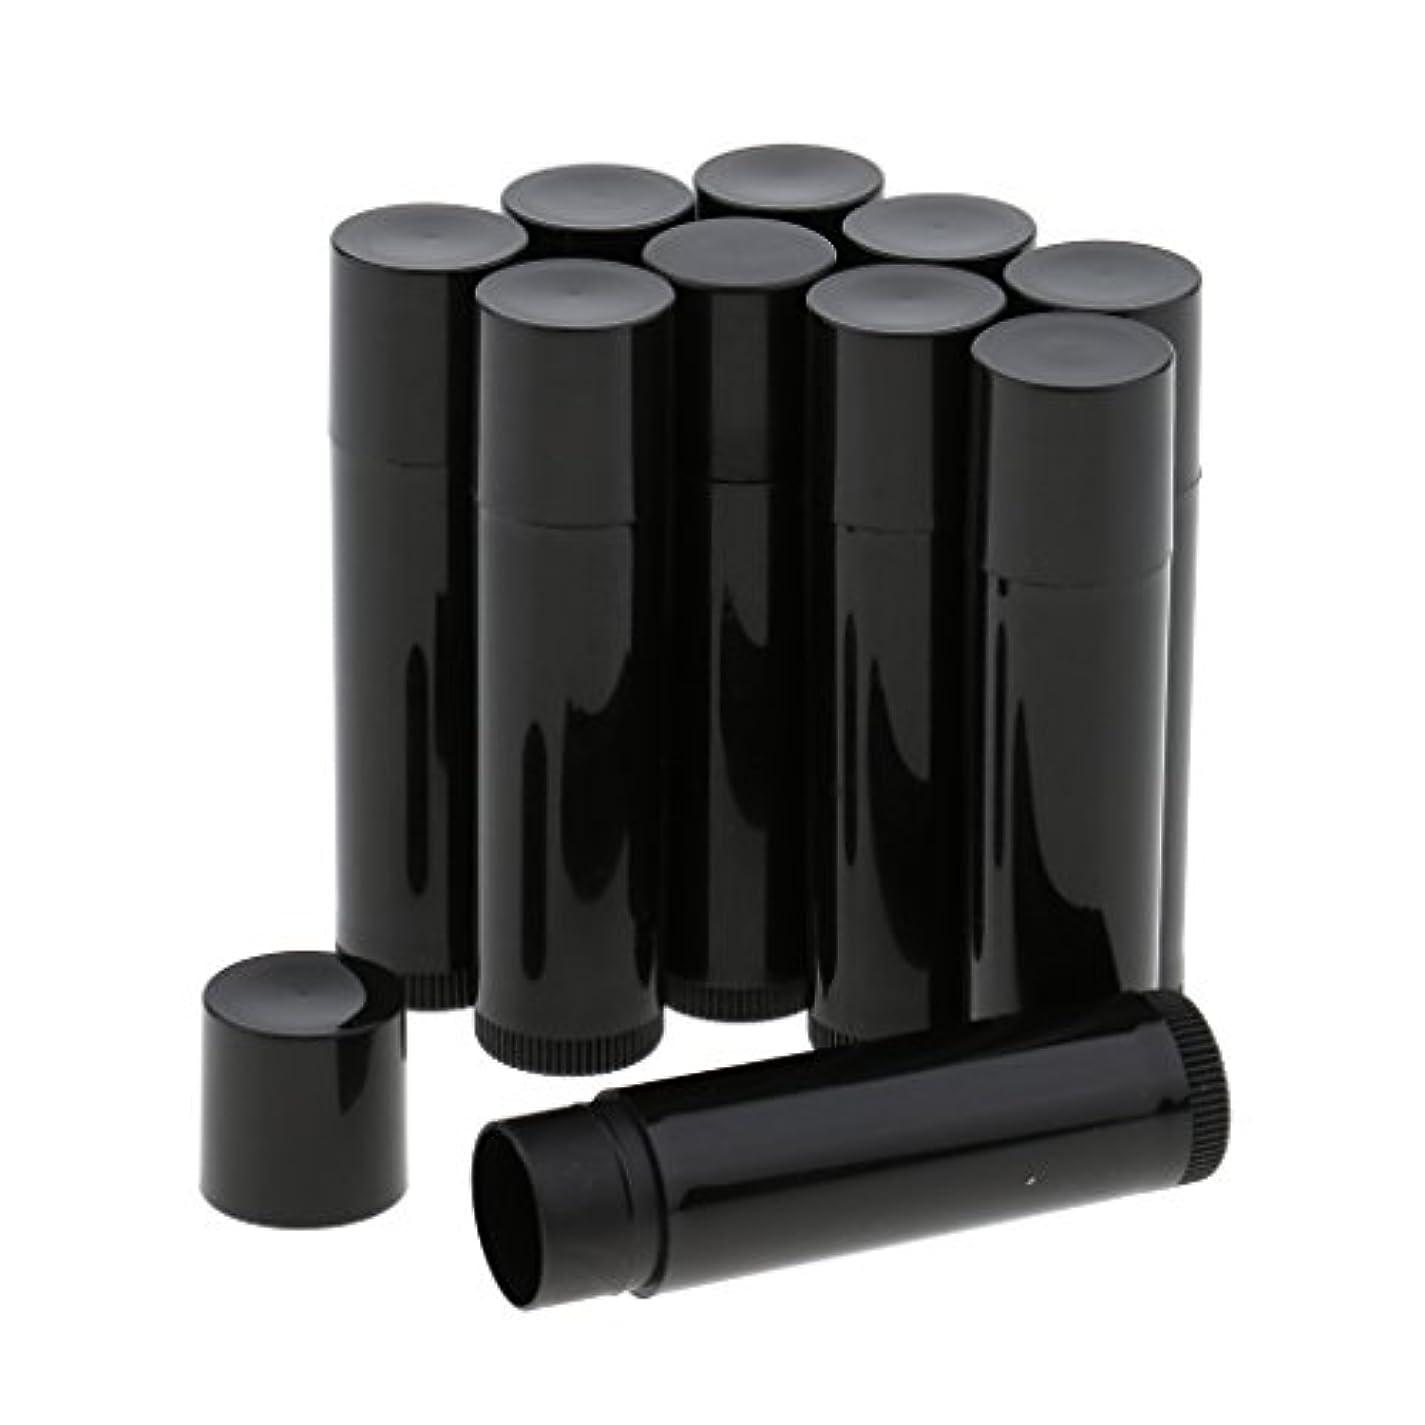 仕様憎しみ誠実さBaosity 10個 空ボトル チューブ 化粧品 コスメ DIY 詰替え 便利 3色選べ - ブラック